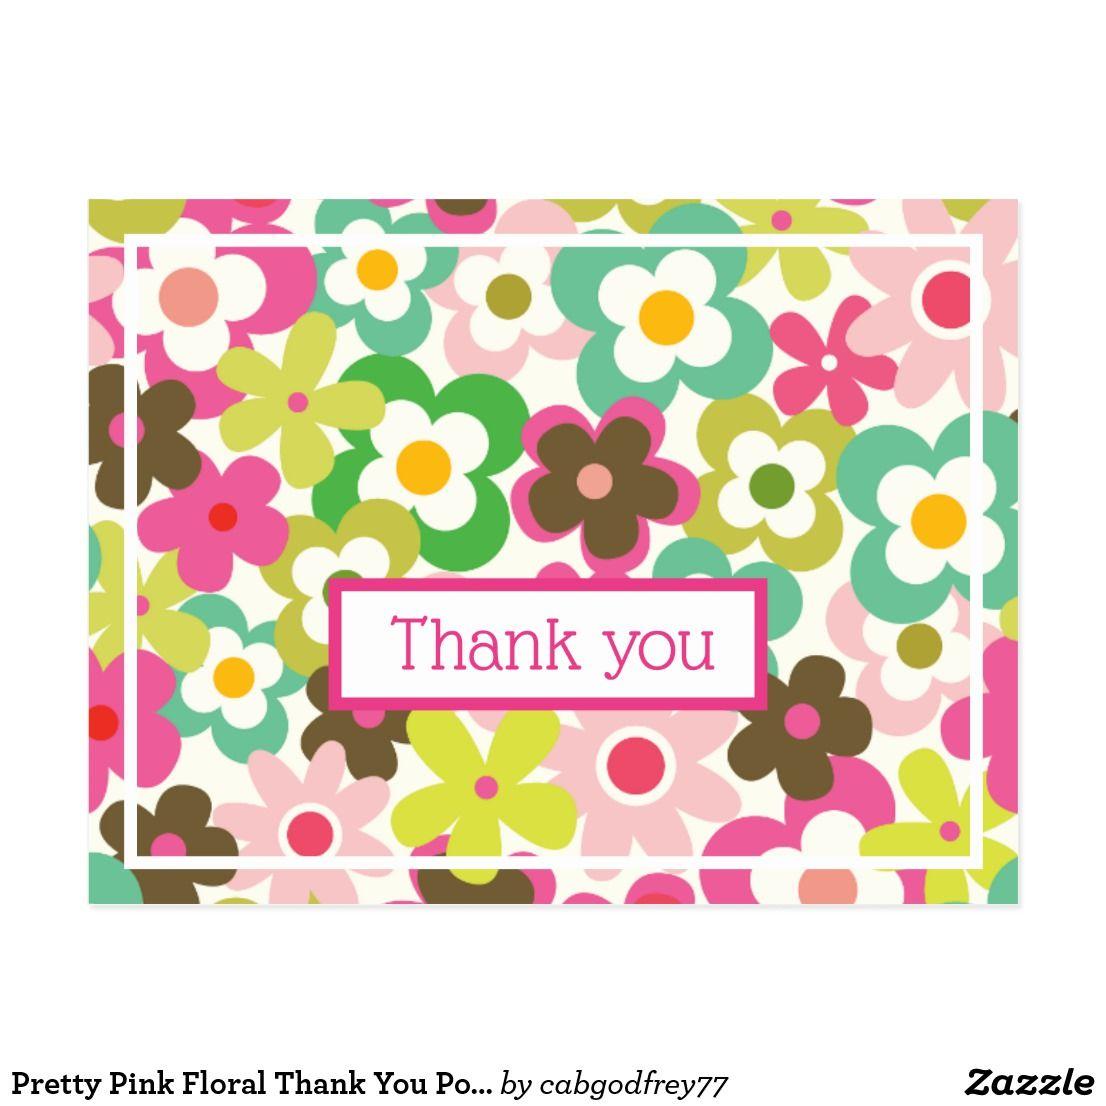 Pretty Pink Floral Thank You Postcard